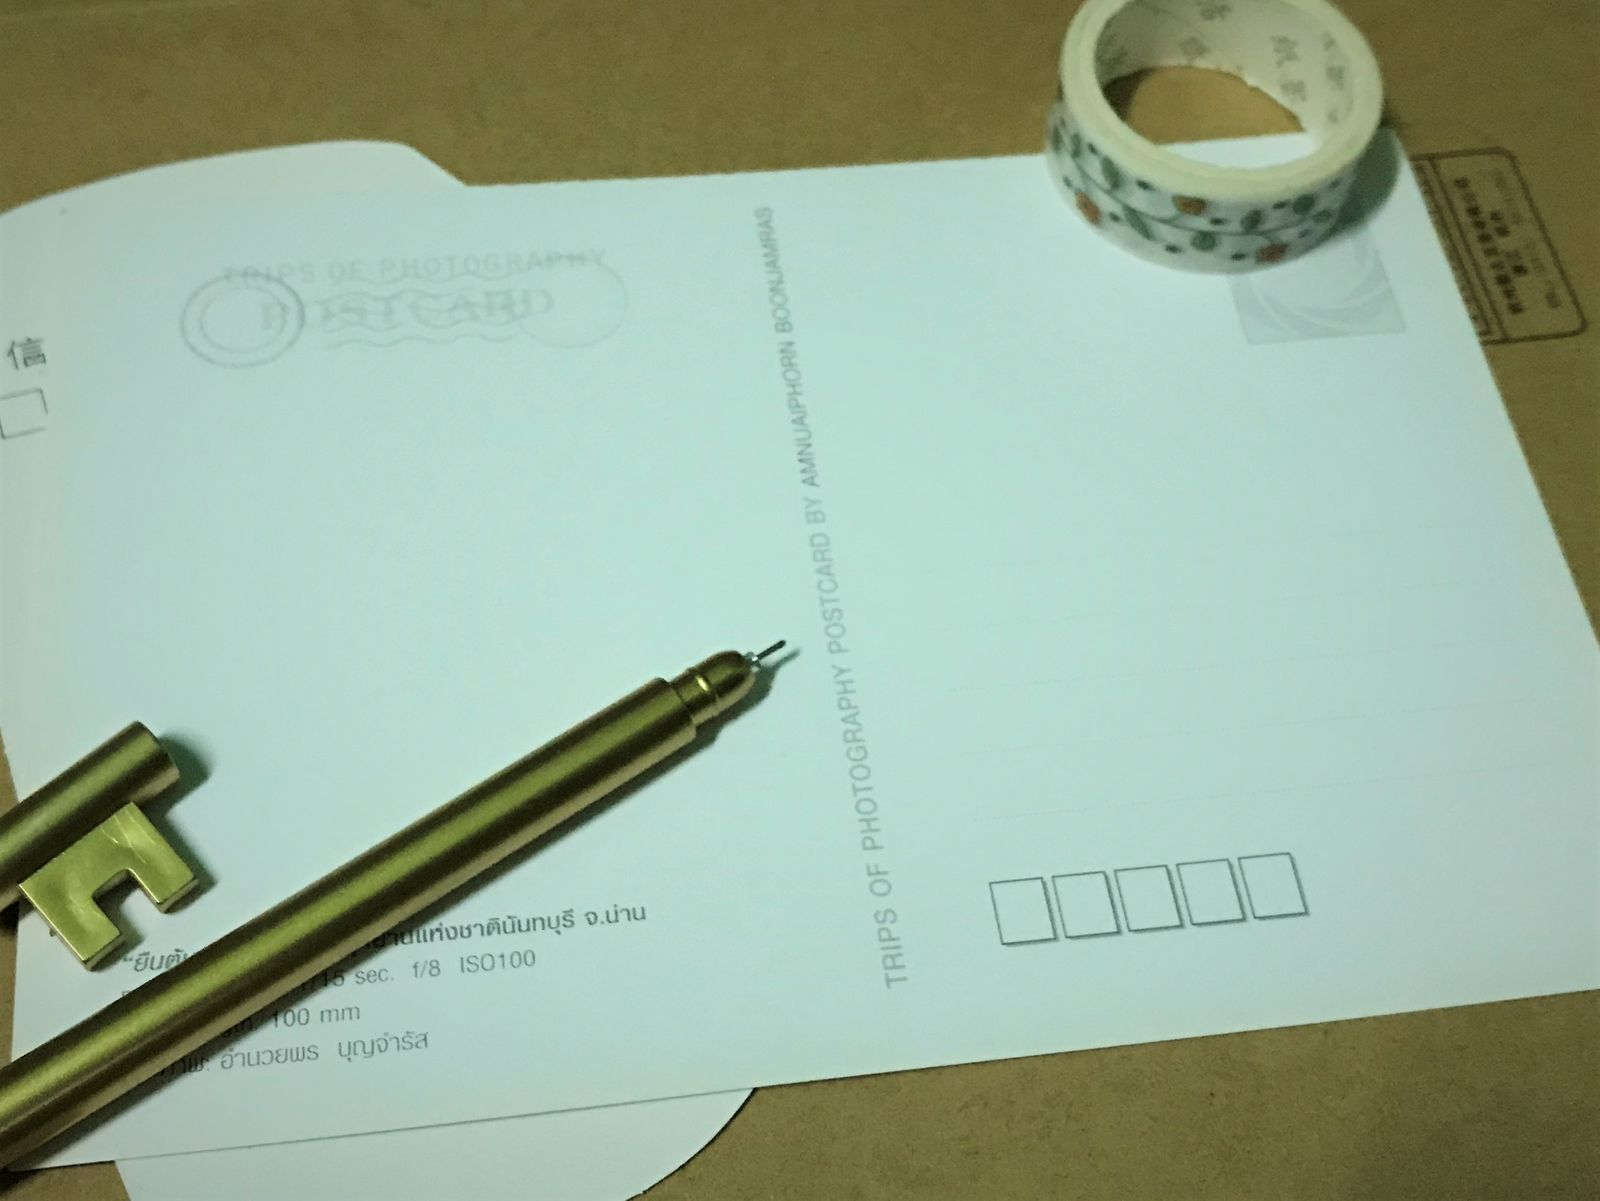 โปสการ์ด Postcrossing เขียนอะไรกันบ้างนะ